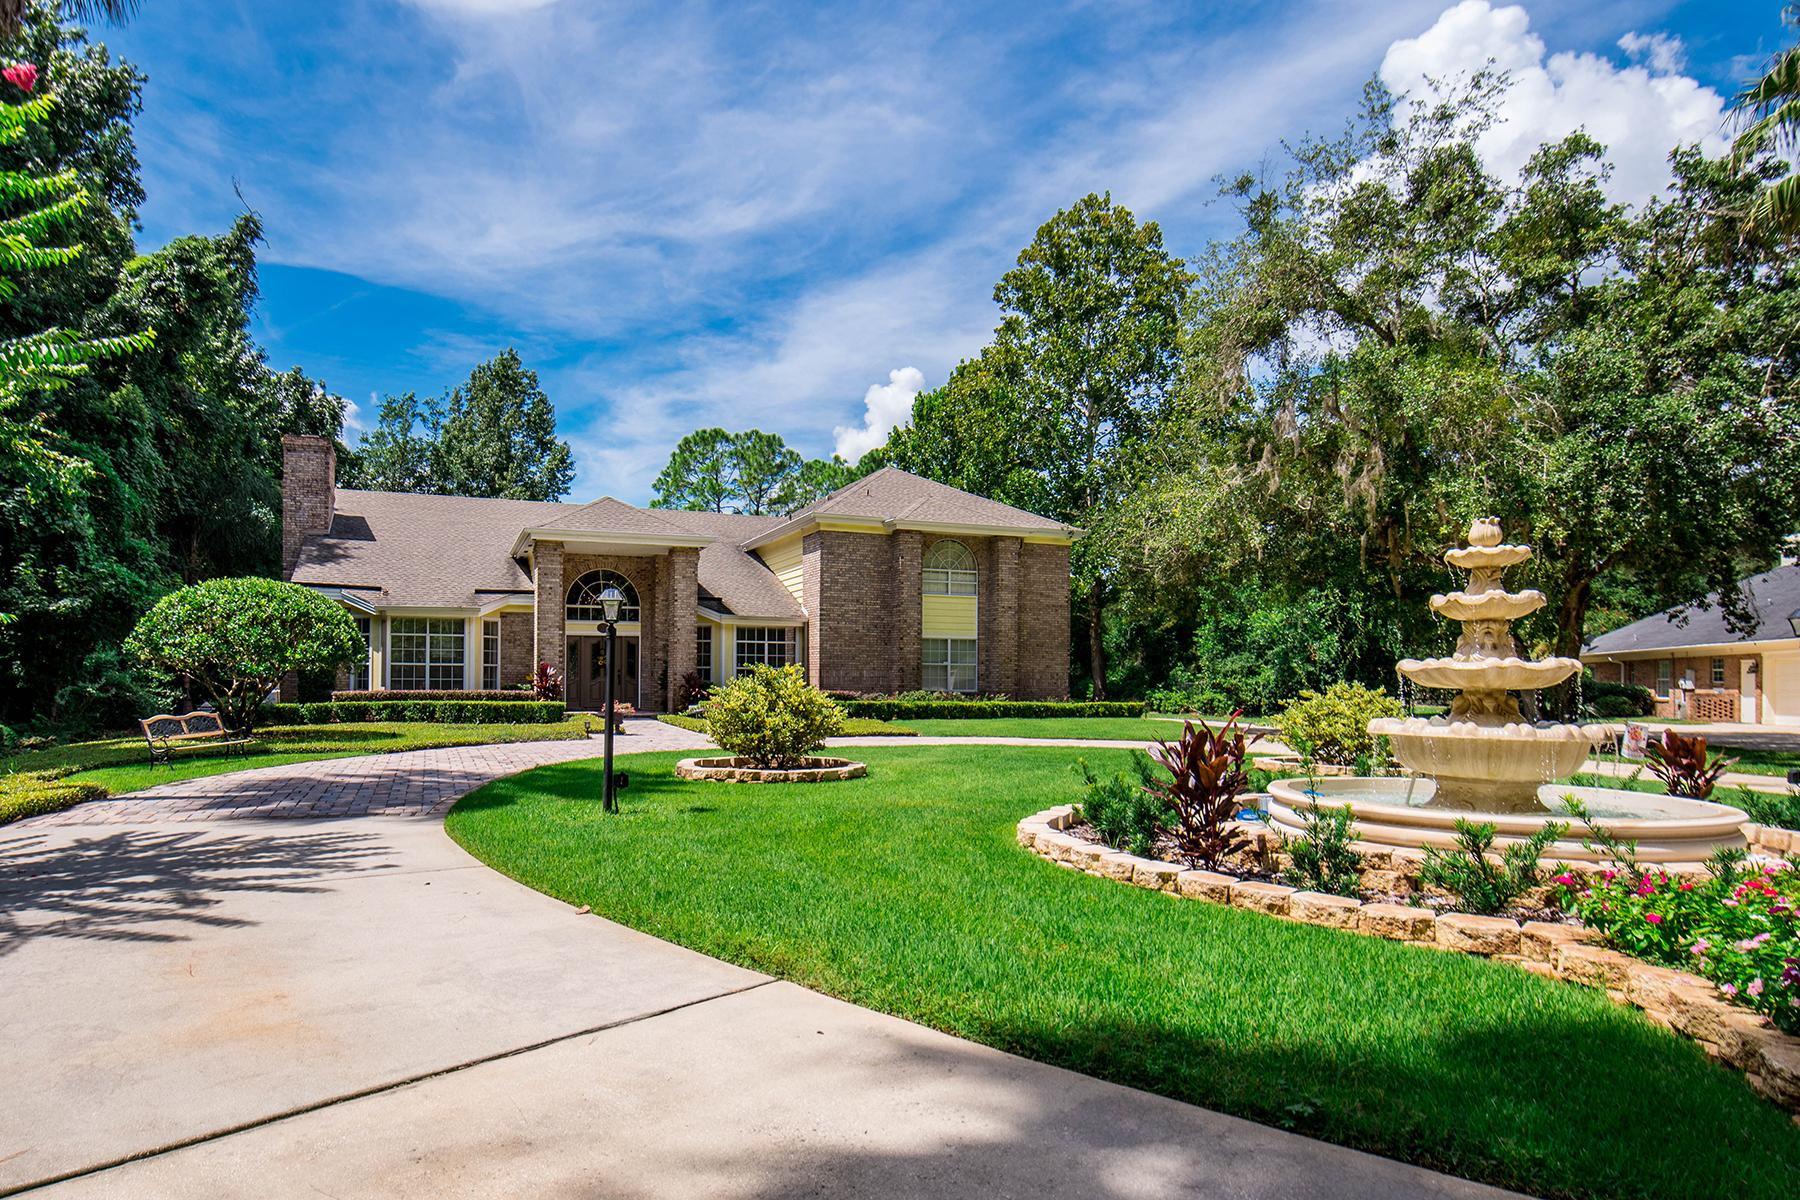 Einfamilienhaus für Verkauf beim ORLANDO - LONGWOOD 962 Innswood Ct Longwood, Florida 32779 Vereinigte Staaten